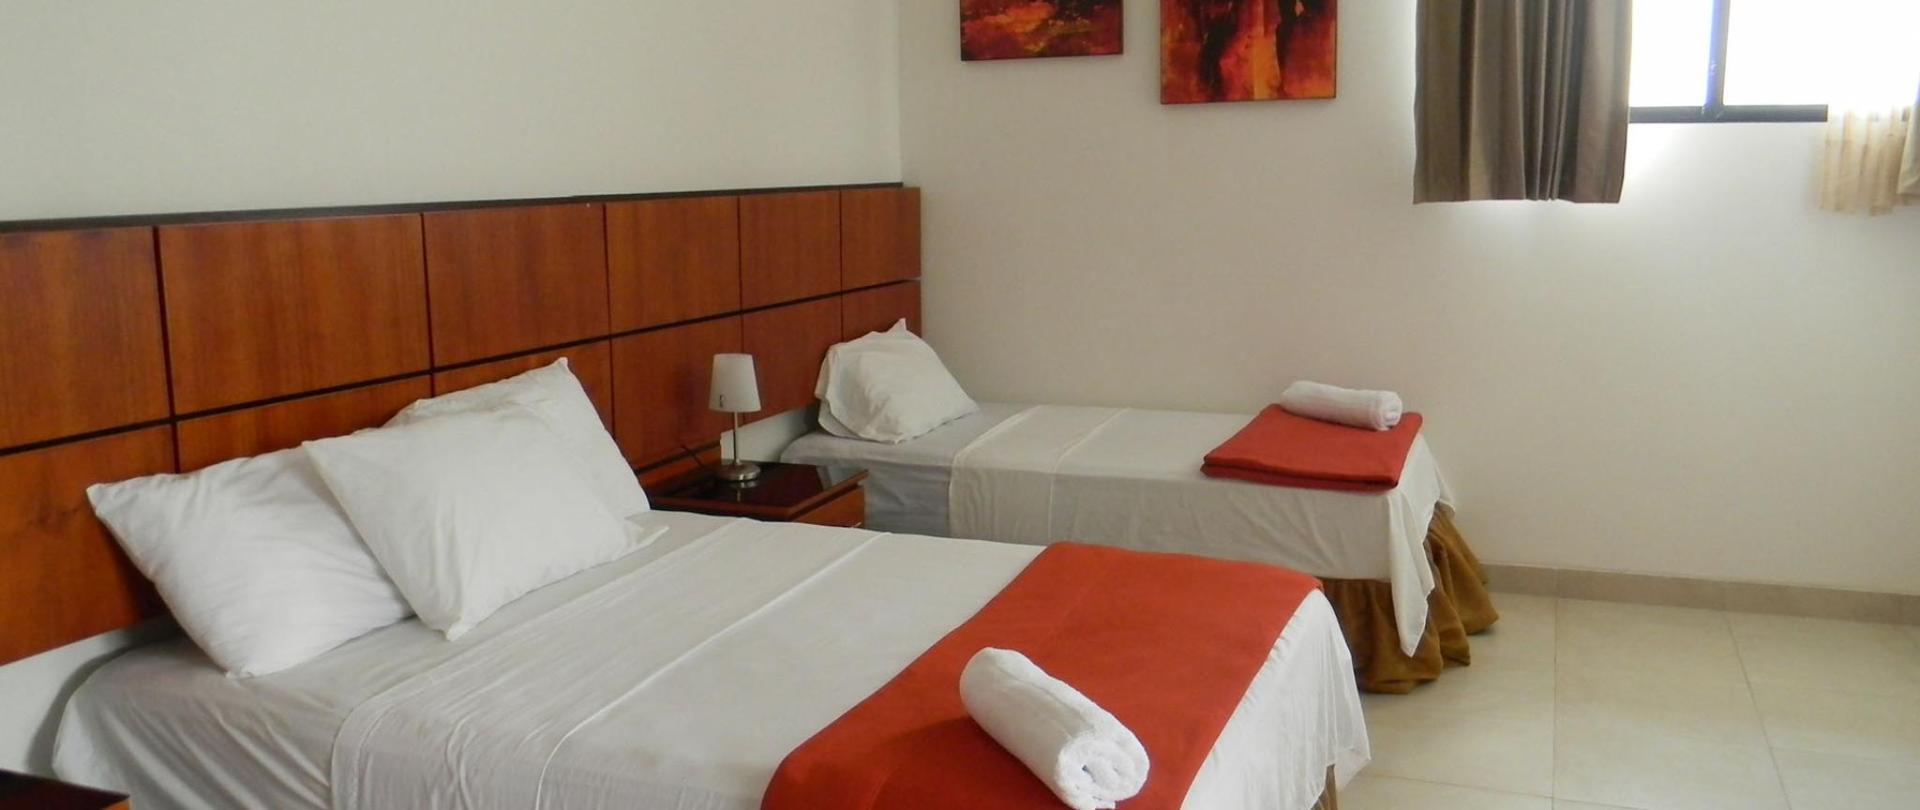 apart-suites-10.jpg